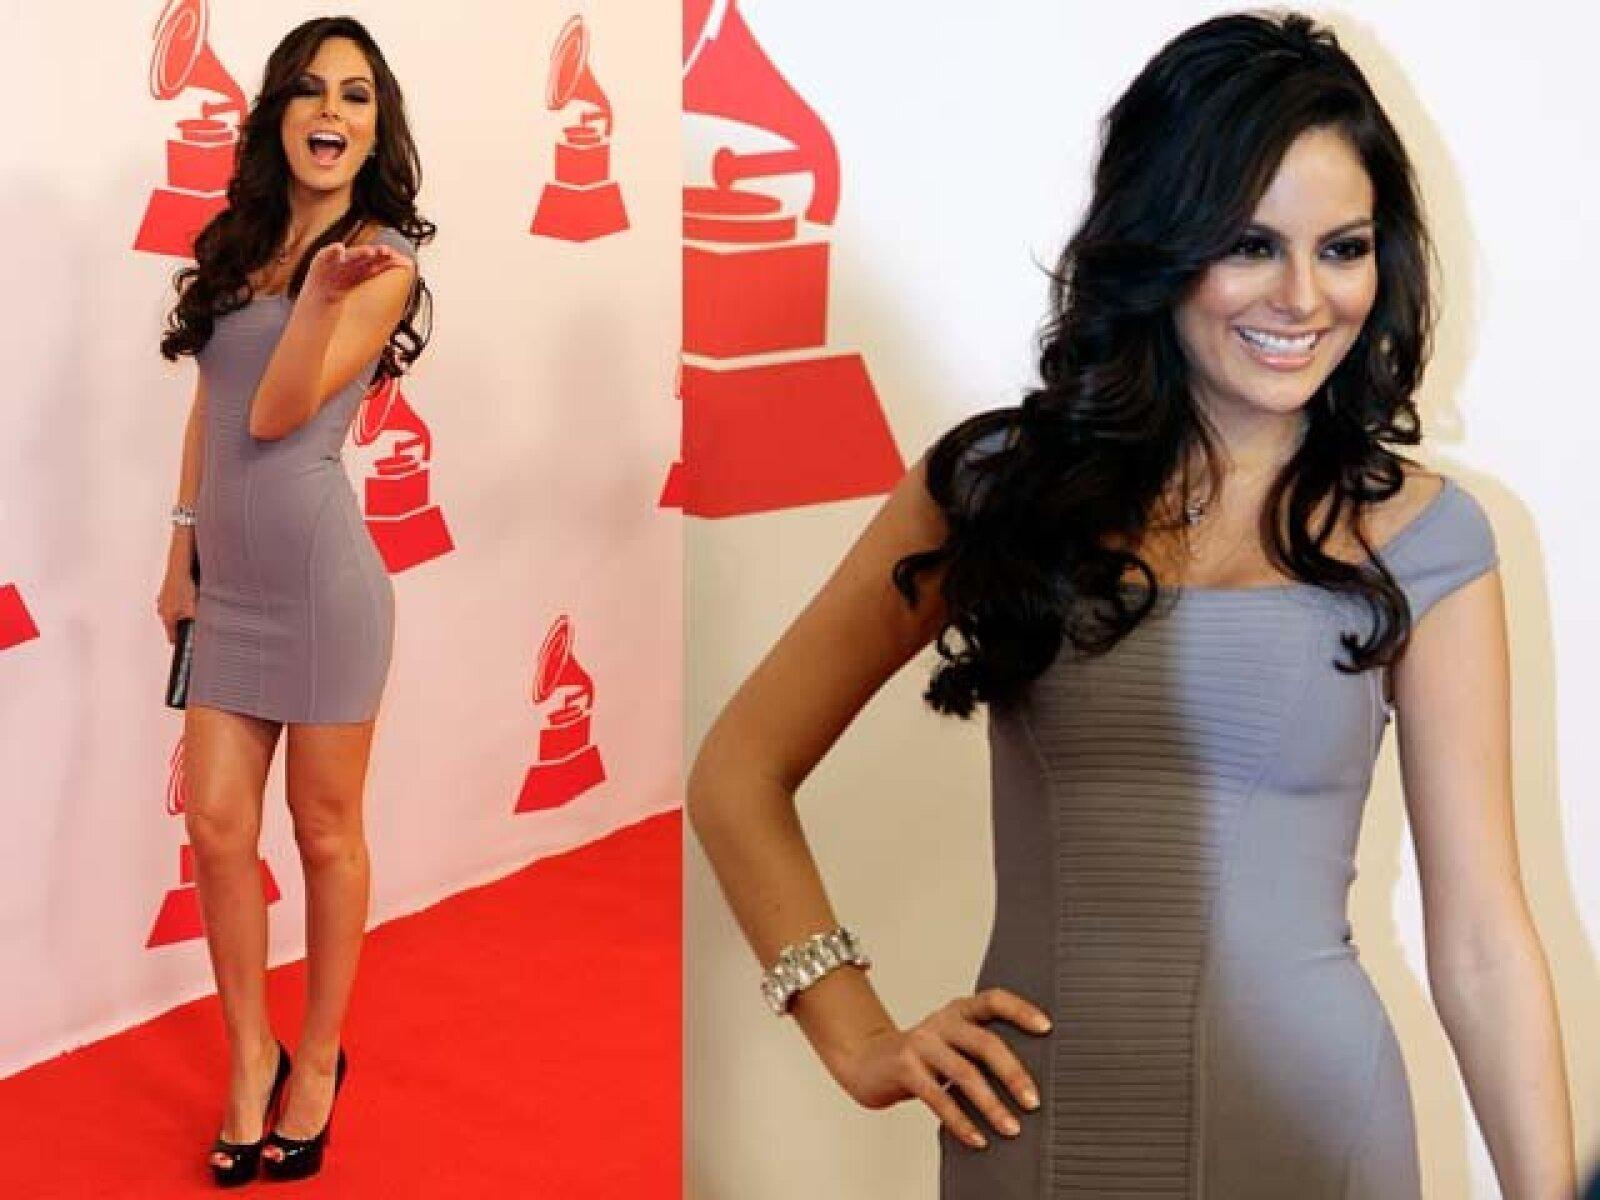 La Miss Universo mexicana, Ximena Navarrete prefierió un vestido en gris.